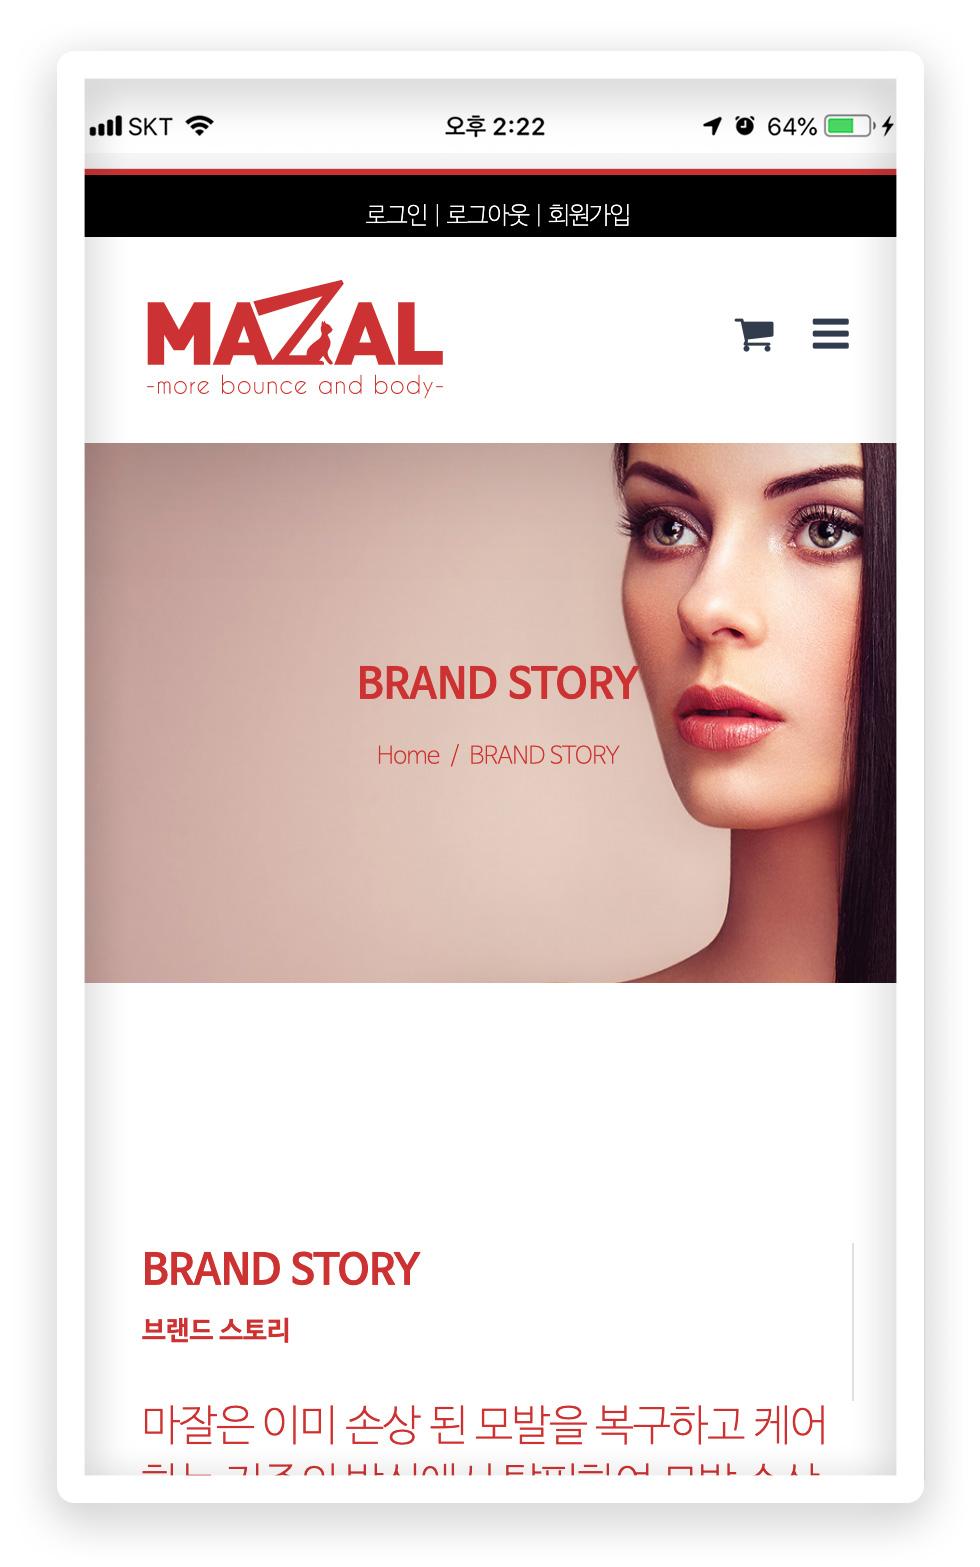 마잘 쇼핑몰 모바일 서브 페이지 - 01